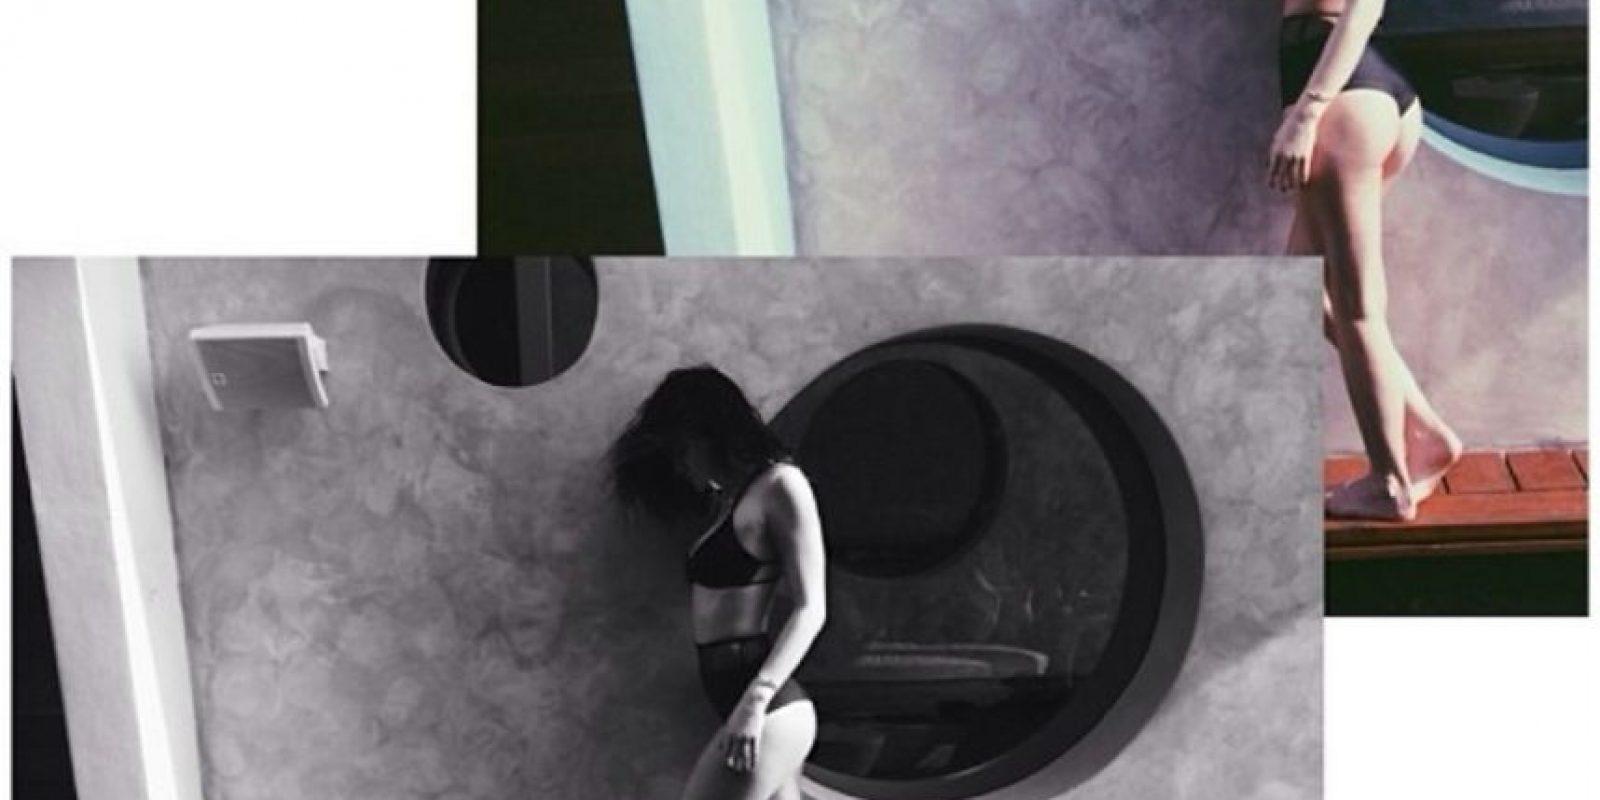 Fotos de Kylie Foto:Captura de pantalla / Instagram. Imagen Por: